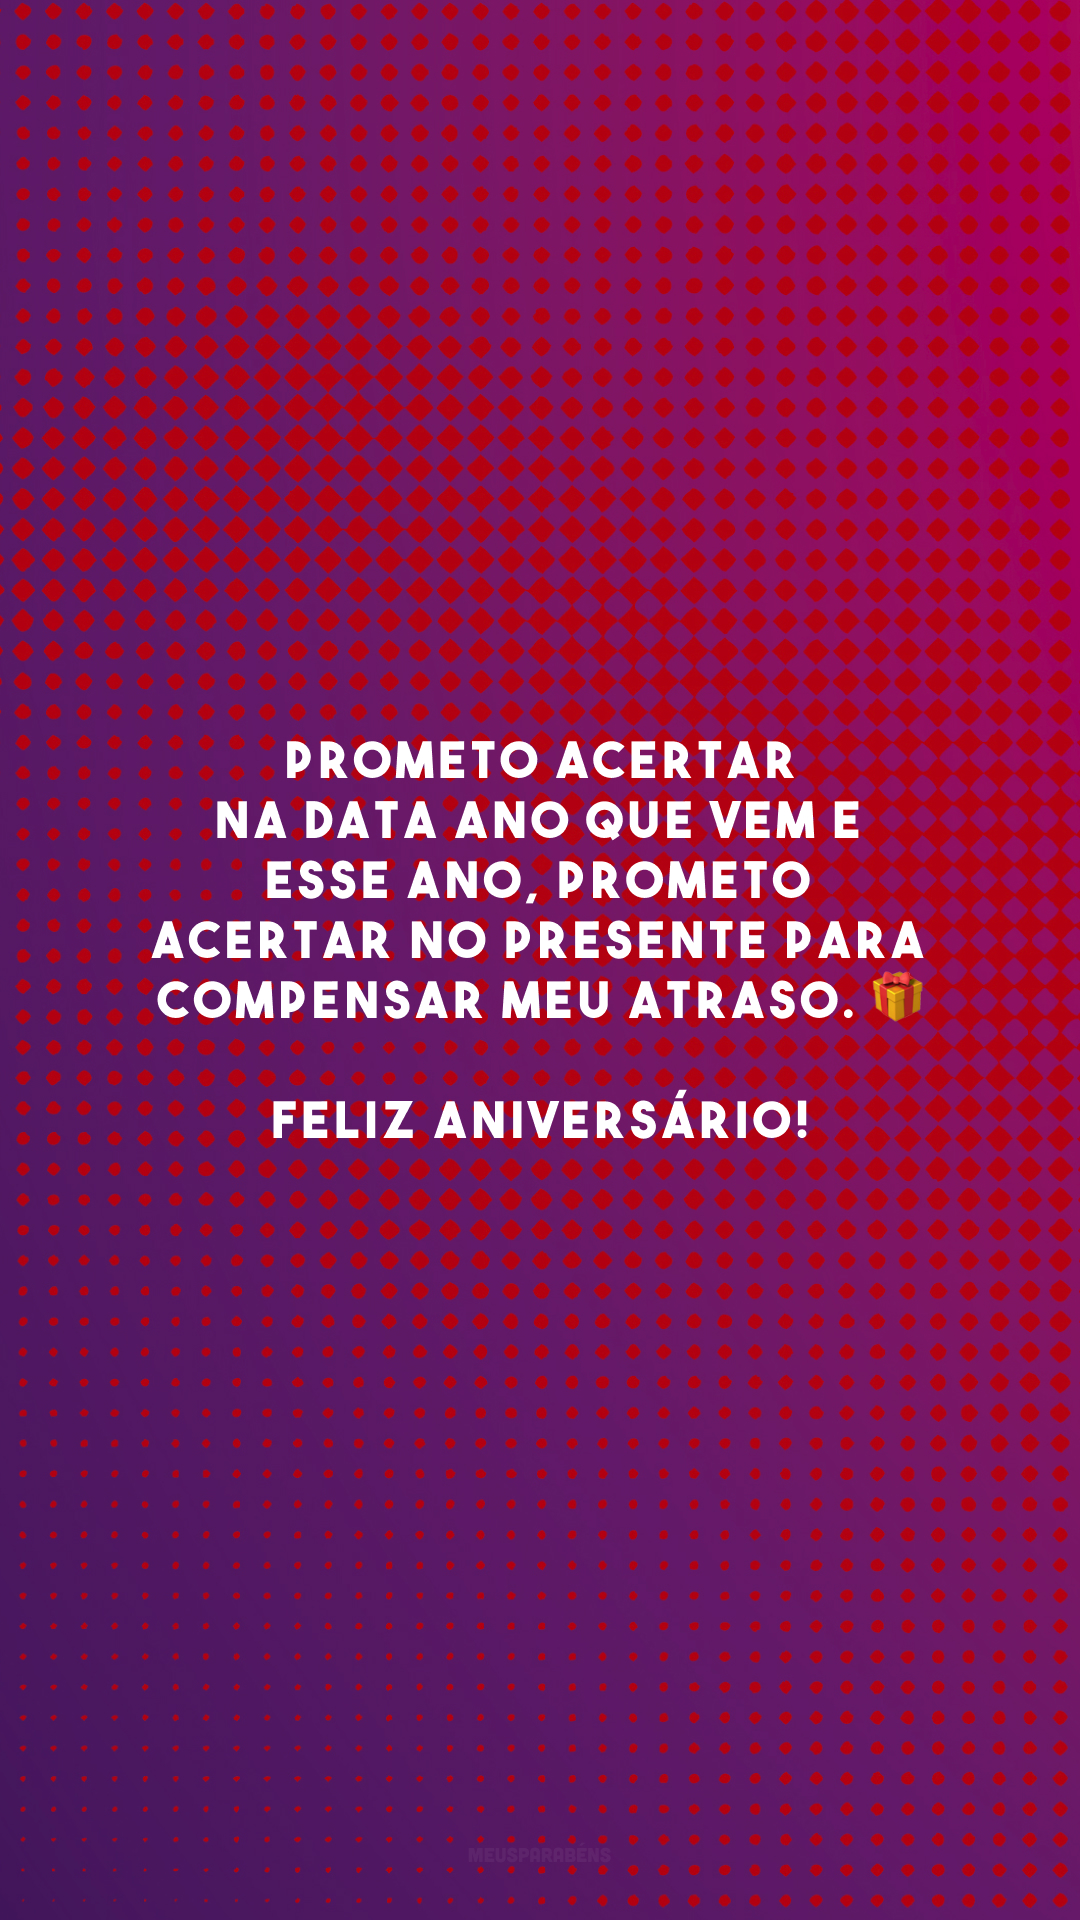 Prometo acertar na data ano que vem e esse ano, prometo acertar no presente para compensar meu atraso. 🎁 Feliz aniversário!